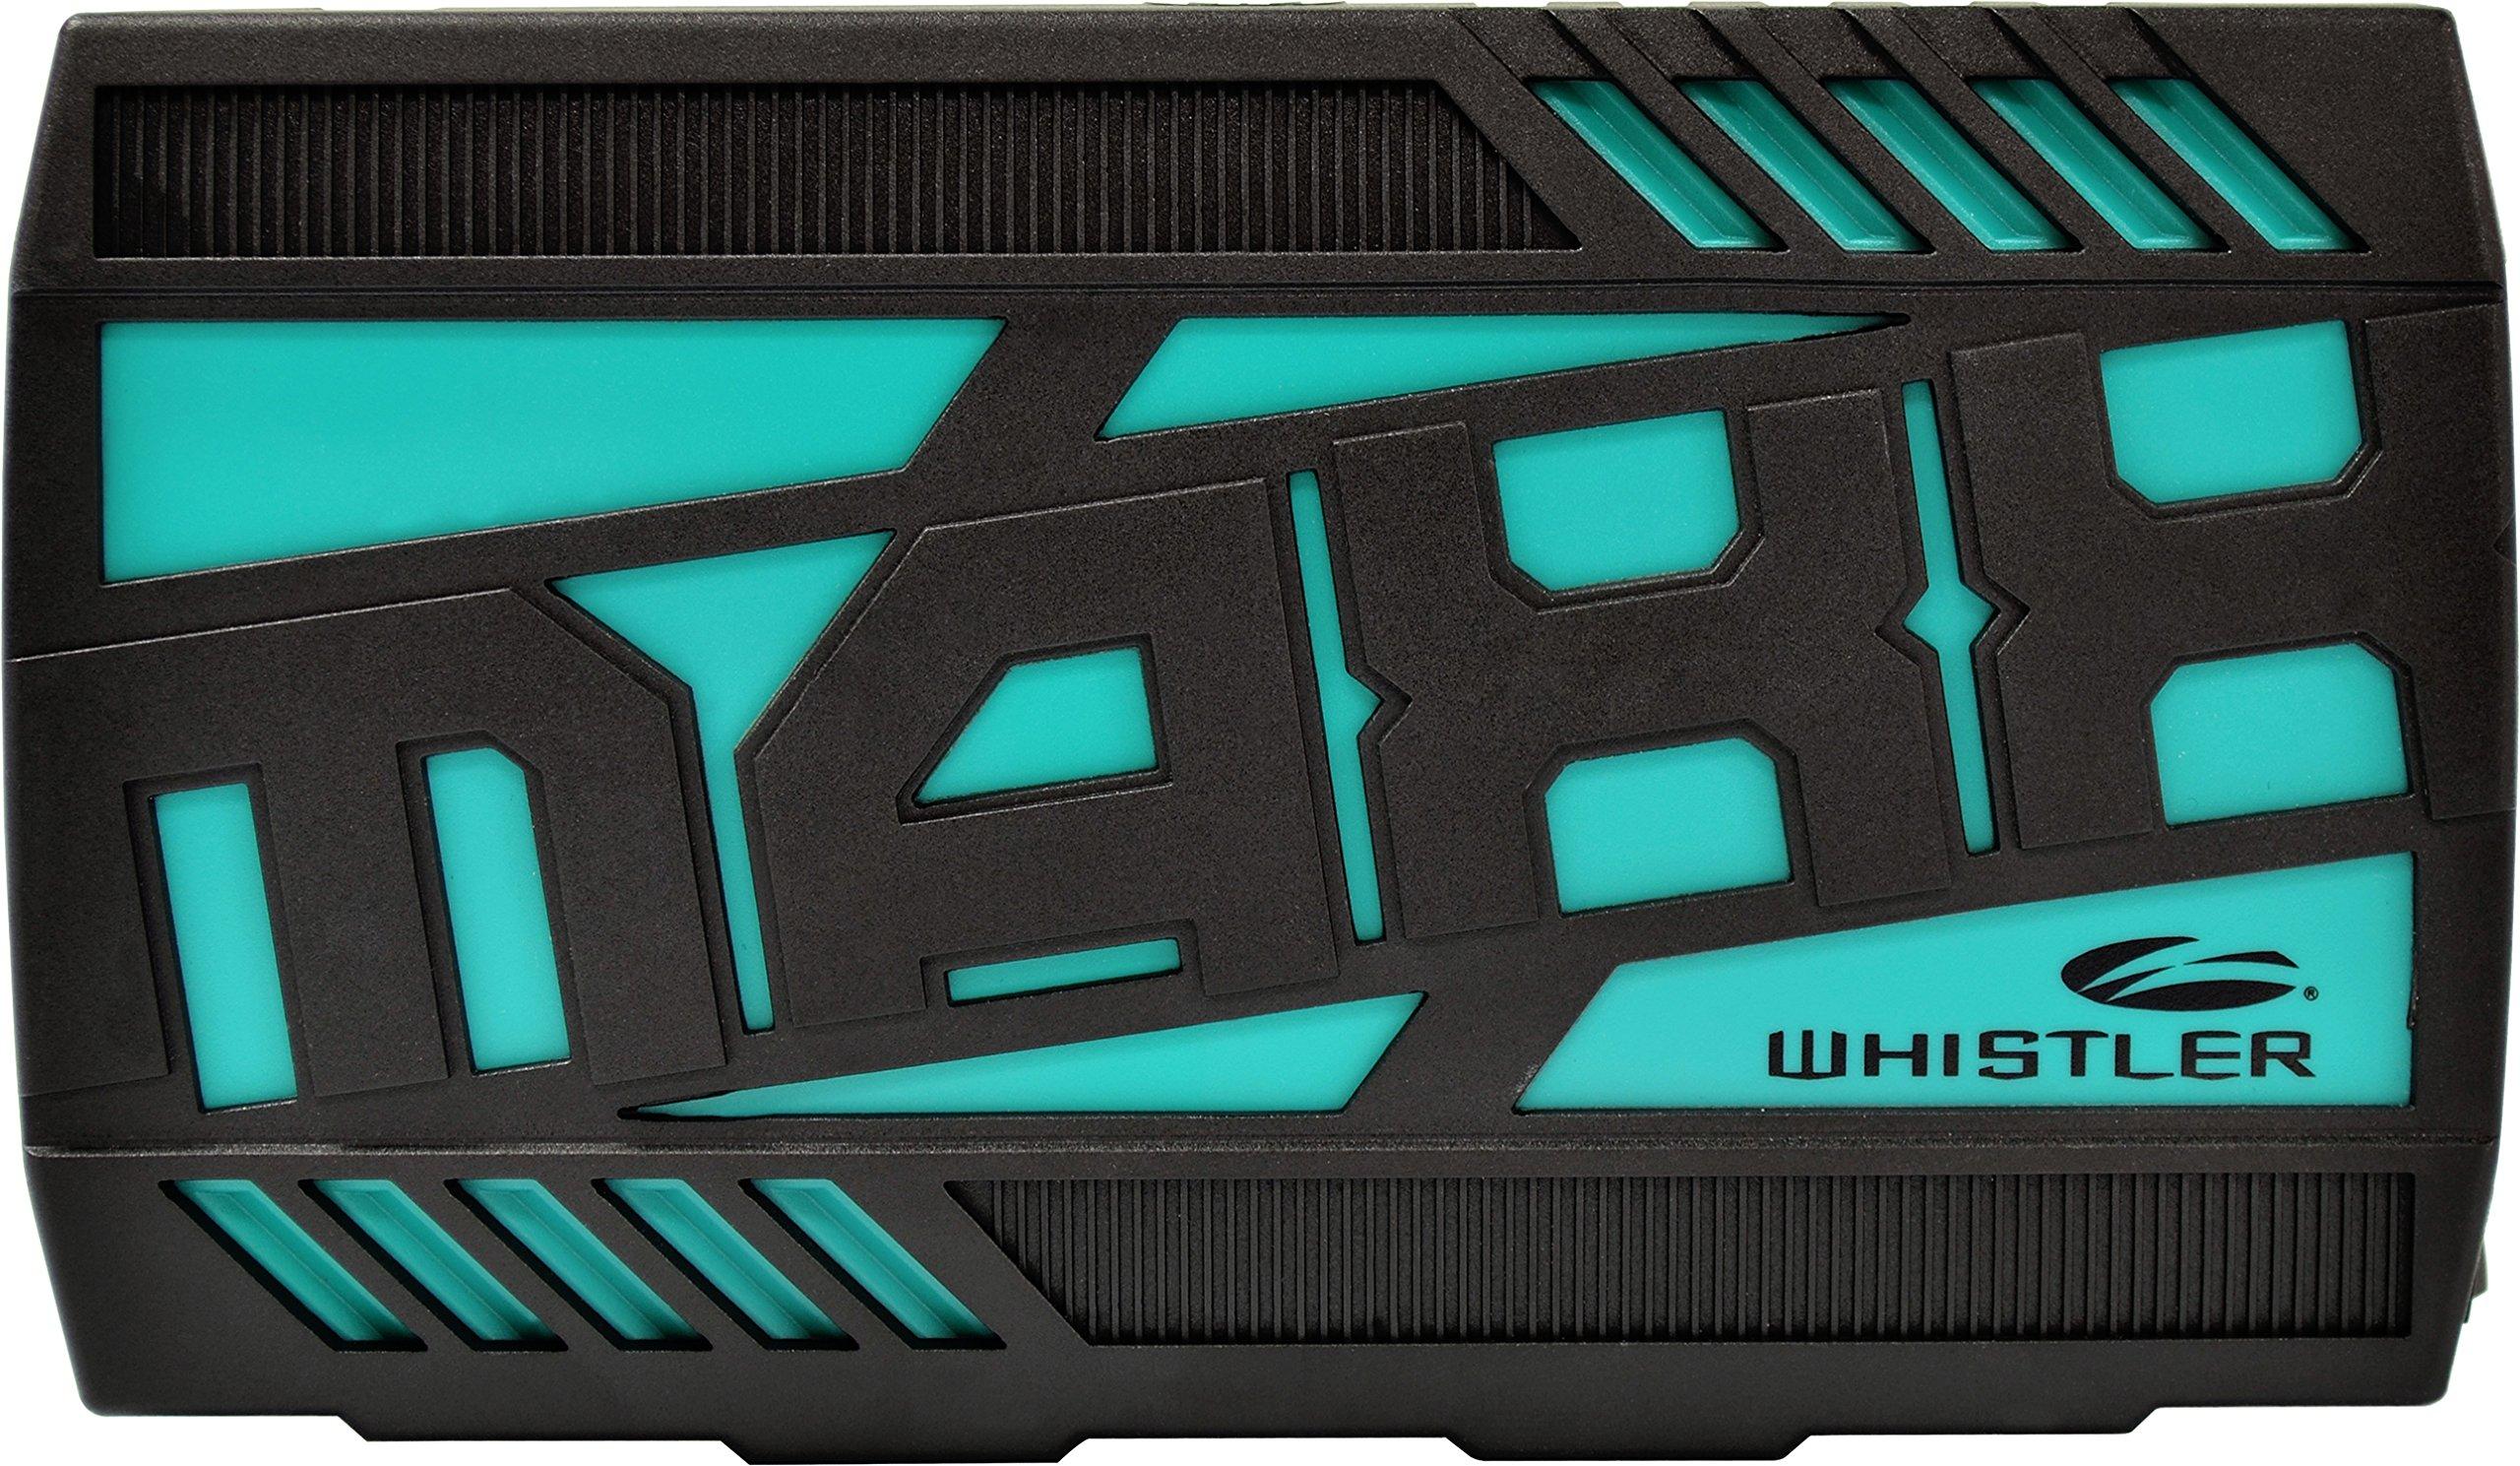 Whistler WJS-6000 MAXX Portable Lithium Jump Starter: 400 Starting Amps / 800 Peak Amps